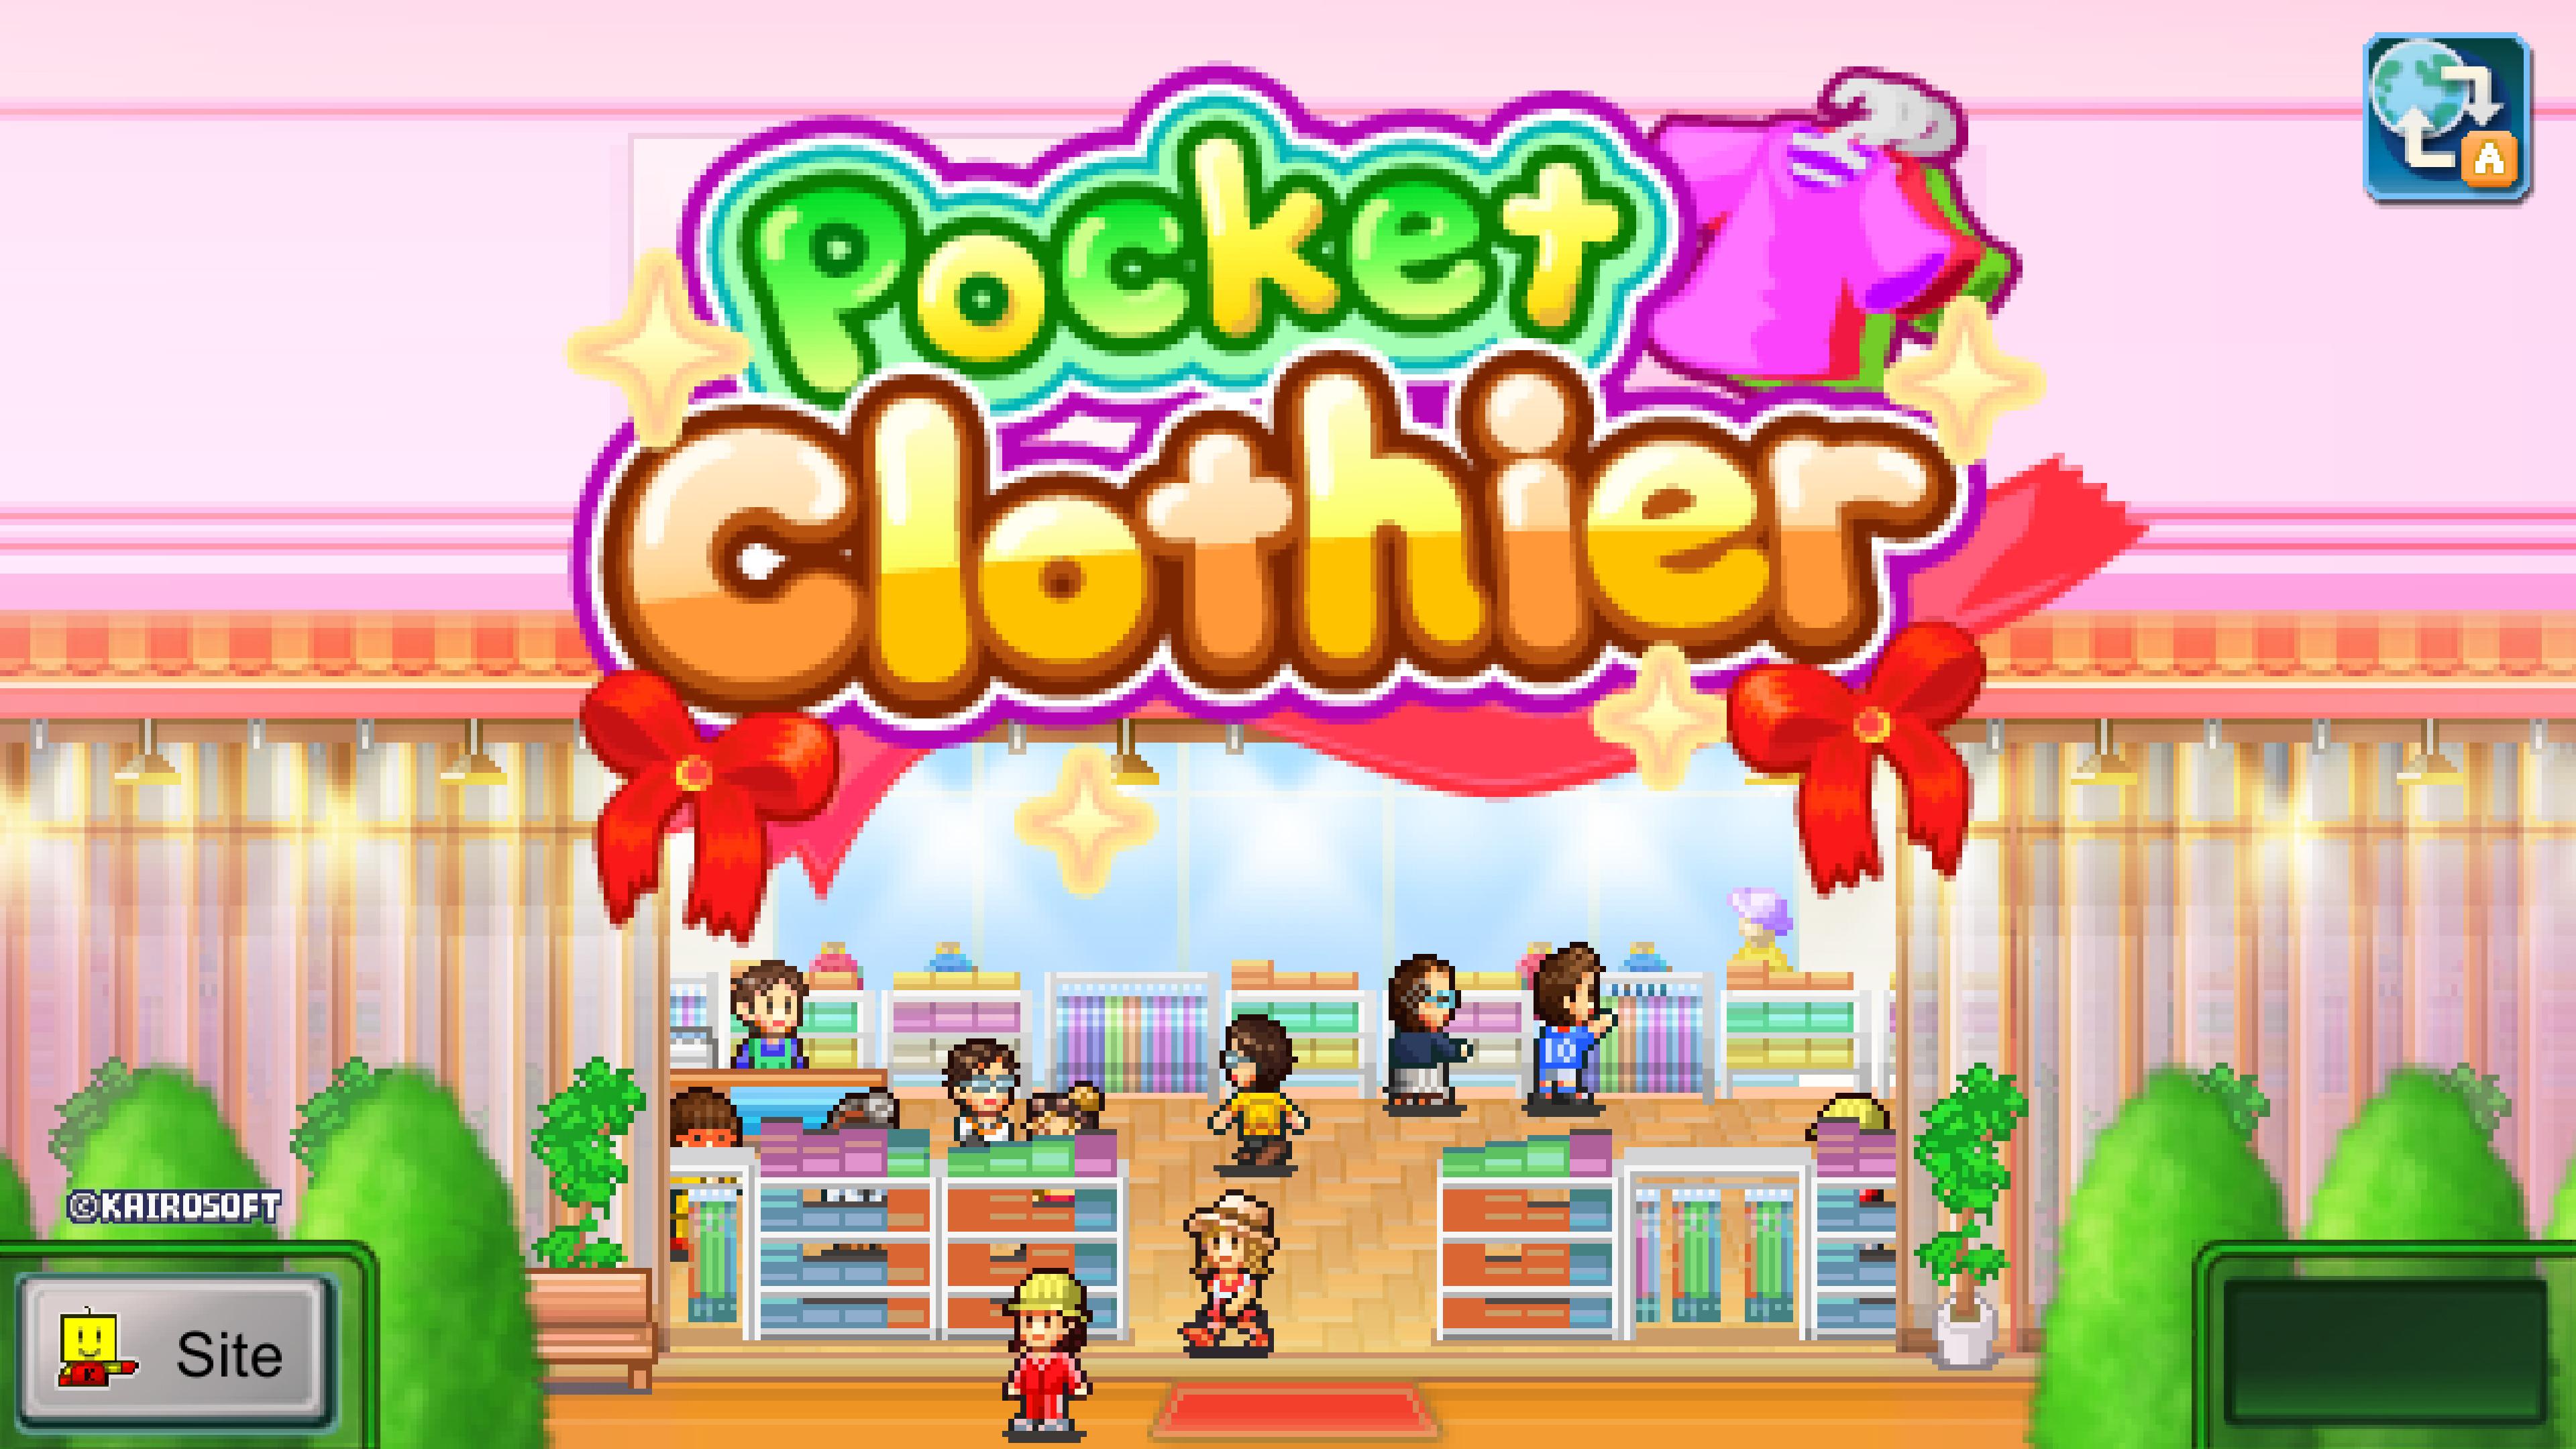 Скриншот №5 к Pocket Clothier